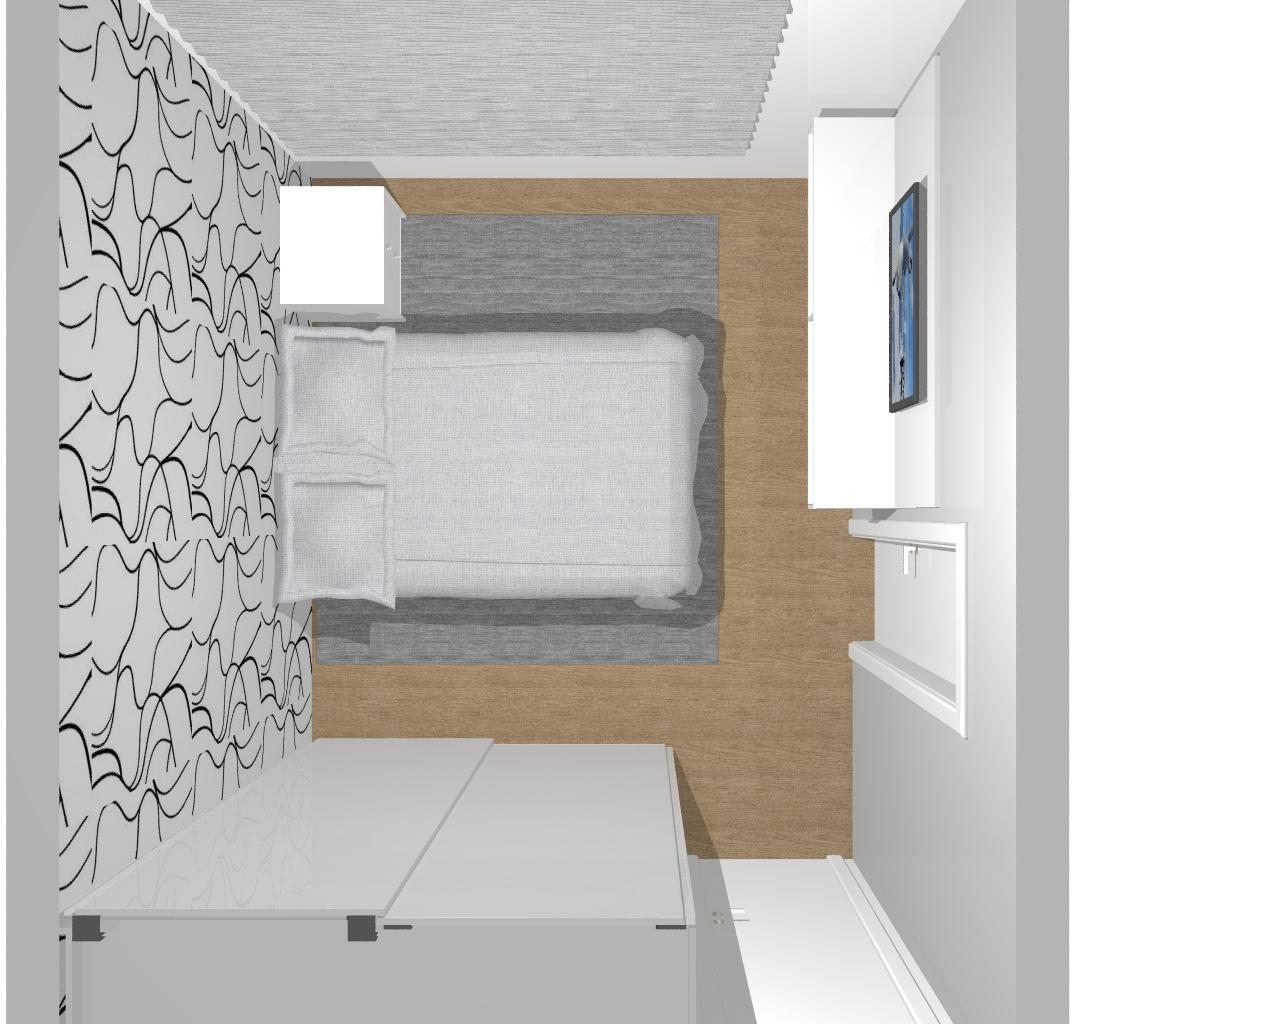 #65533A Carolina Lira Design de Interiores: Maio 2011 1280x1024 px Projetos Cozinha Sca #45 imagens